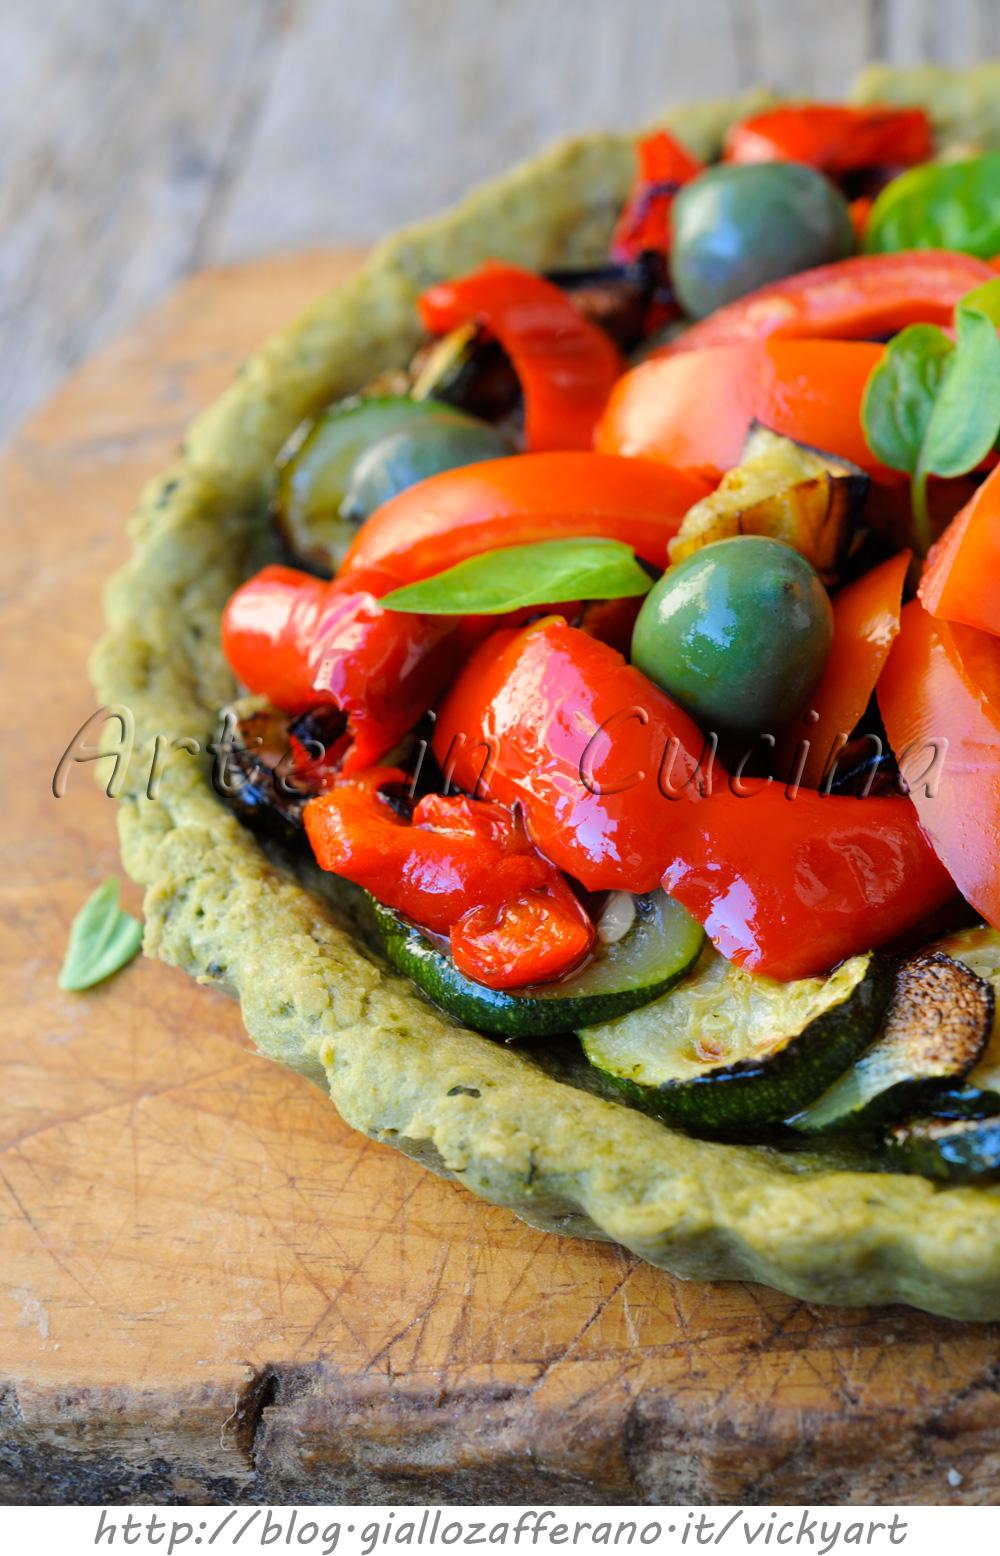 Crostata al basilico con verdure grigliate ricetta facile e veloce vickyart arte in cucina